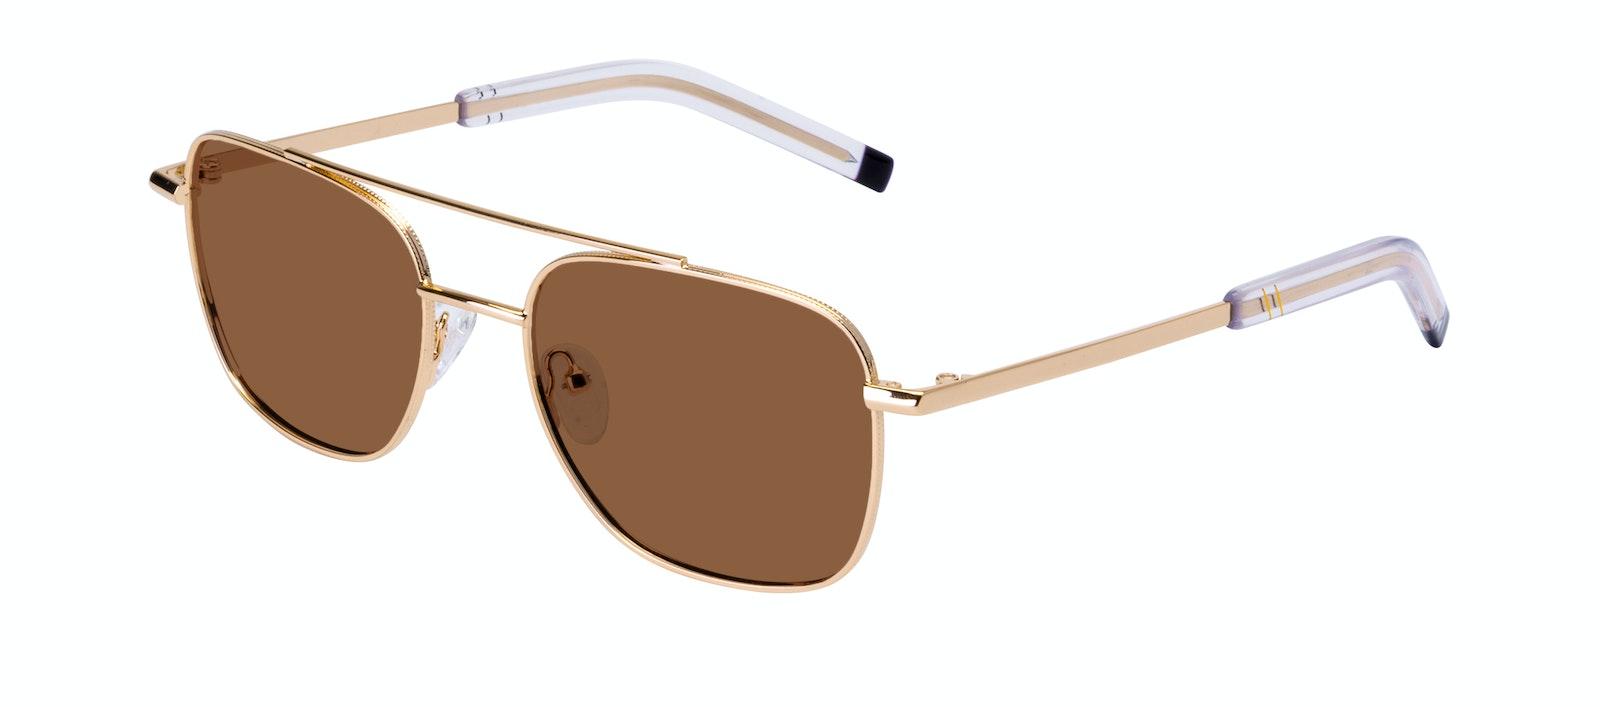 Affordable Fashion Glasses Aviator Sunglasses Men Drift Gold Tilt